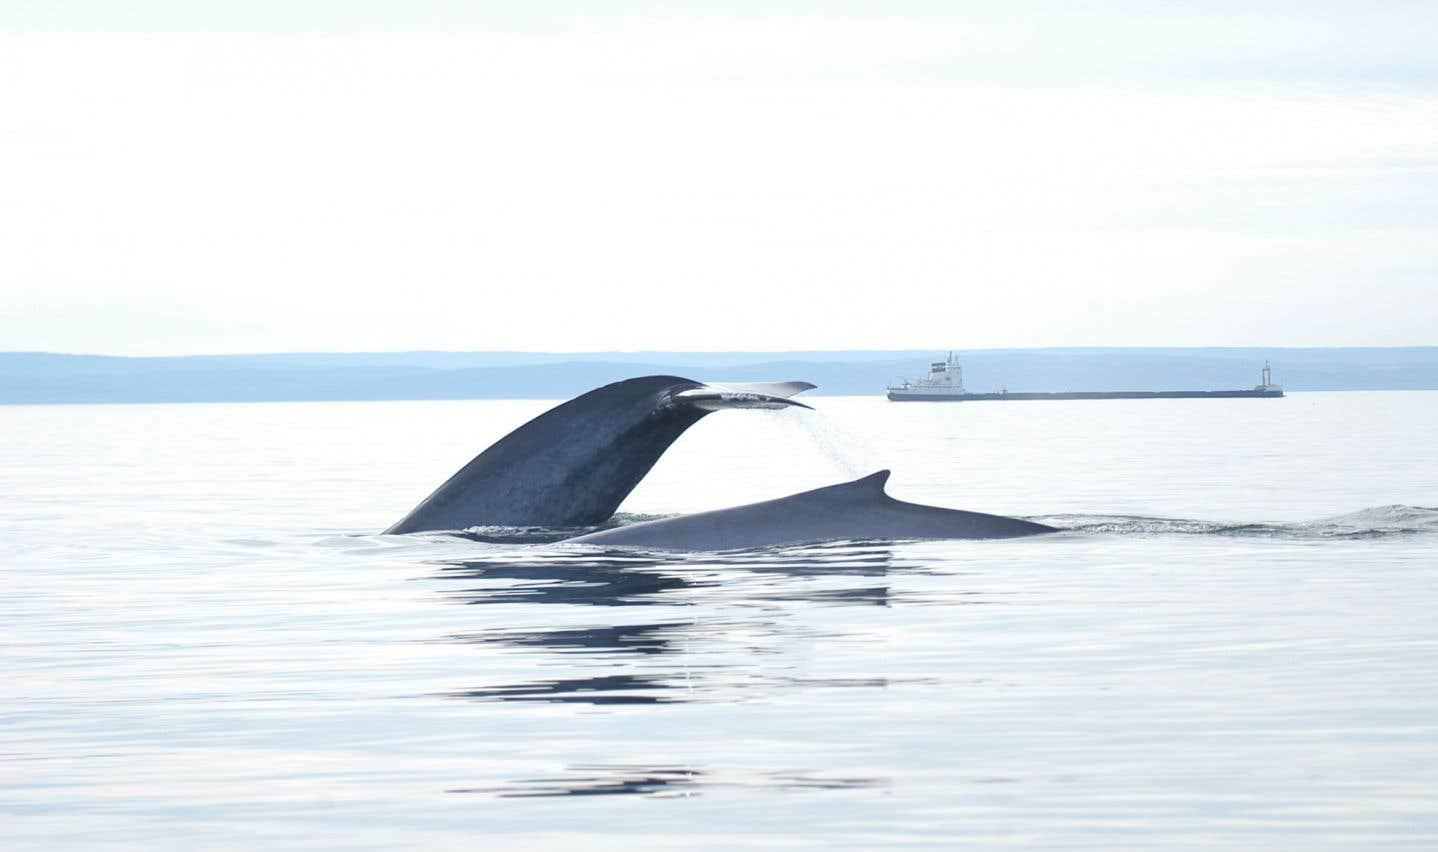 Une zone marine protégée dans le golfe du Saint-Laurent... ouverte aux pétrolières